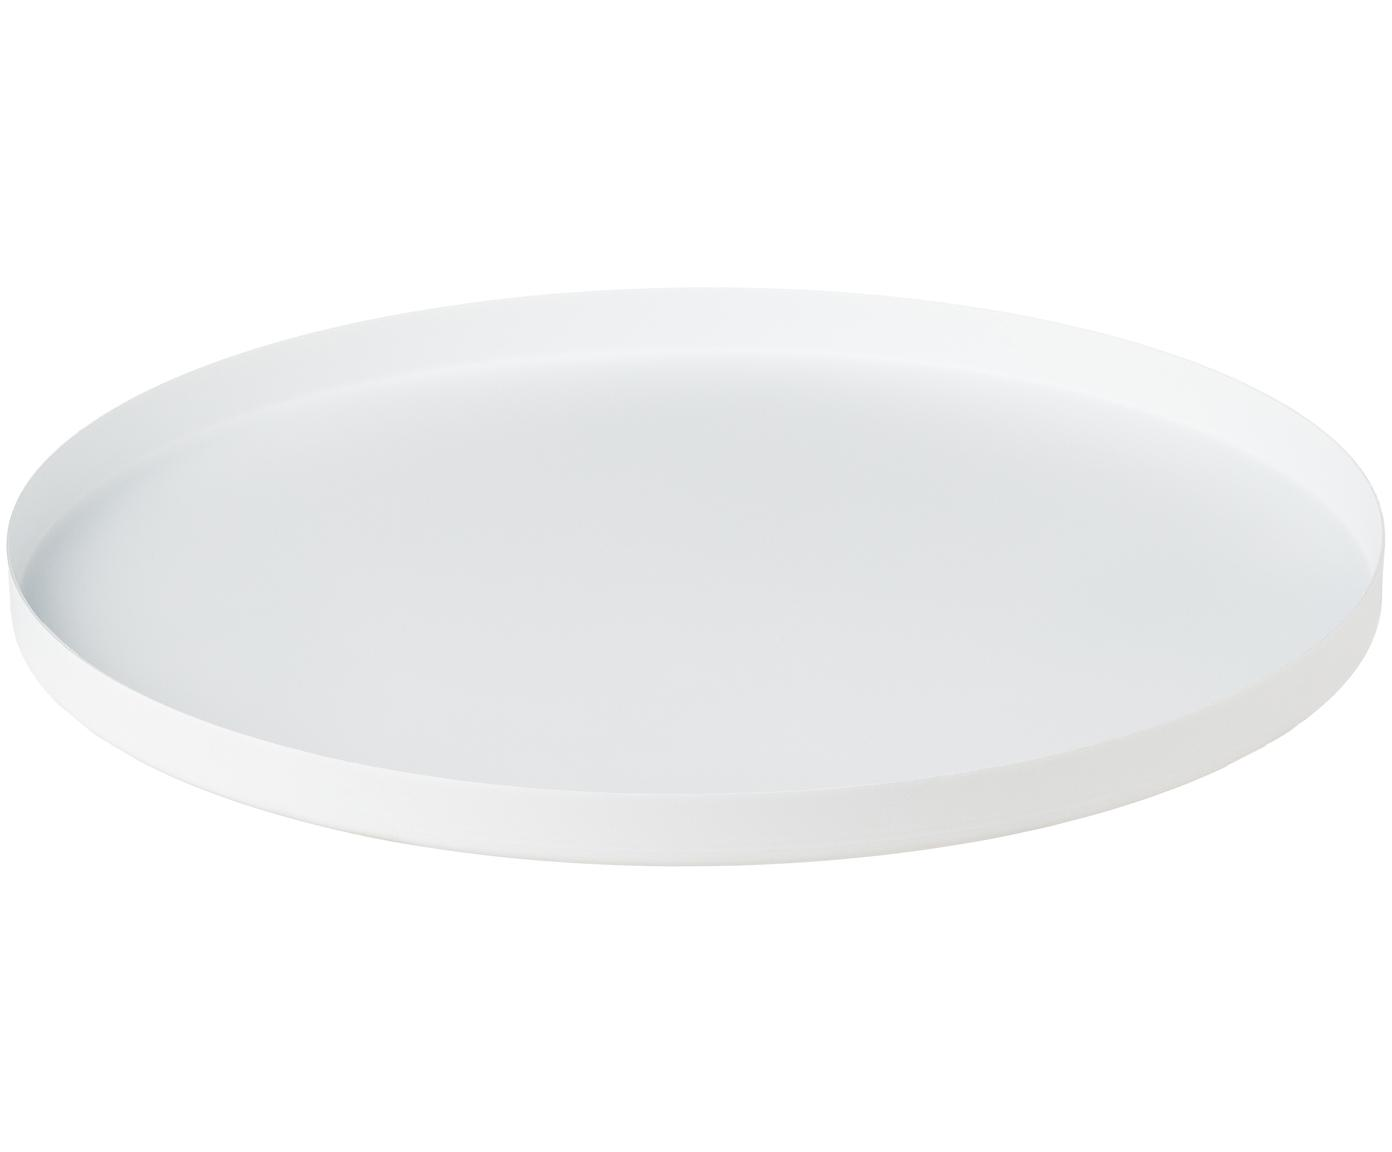 Bolvormige decoratief dienblad Circle in wit, Gepoedercoat edelstaal, Mat wit, Ø 30 x H 2 cm